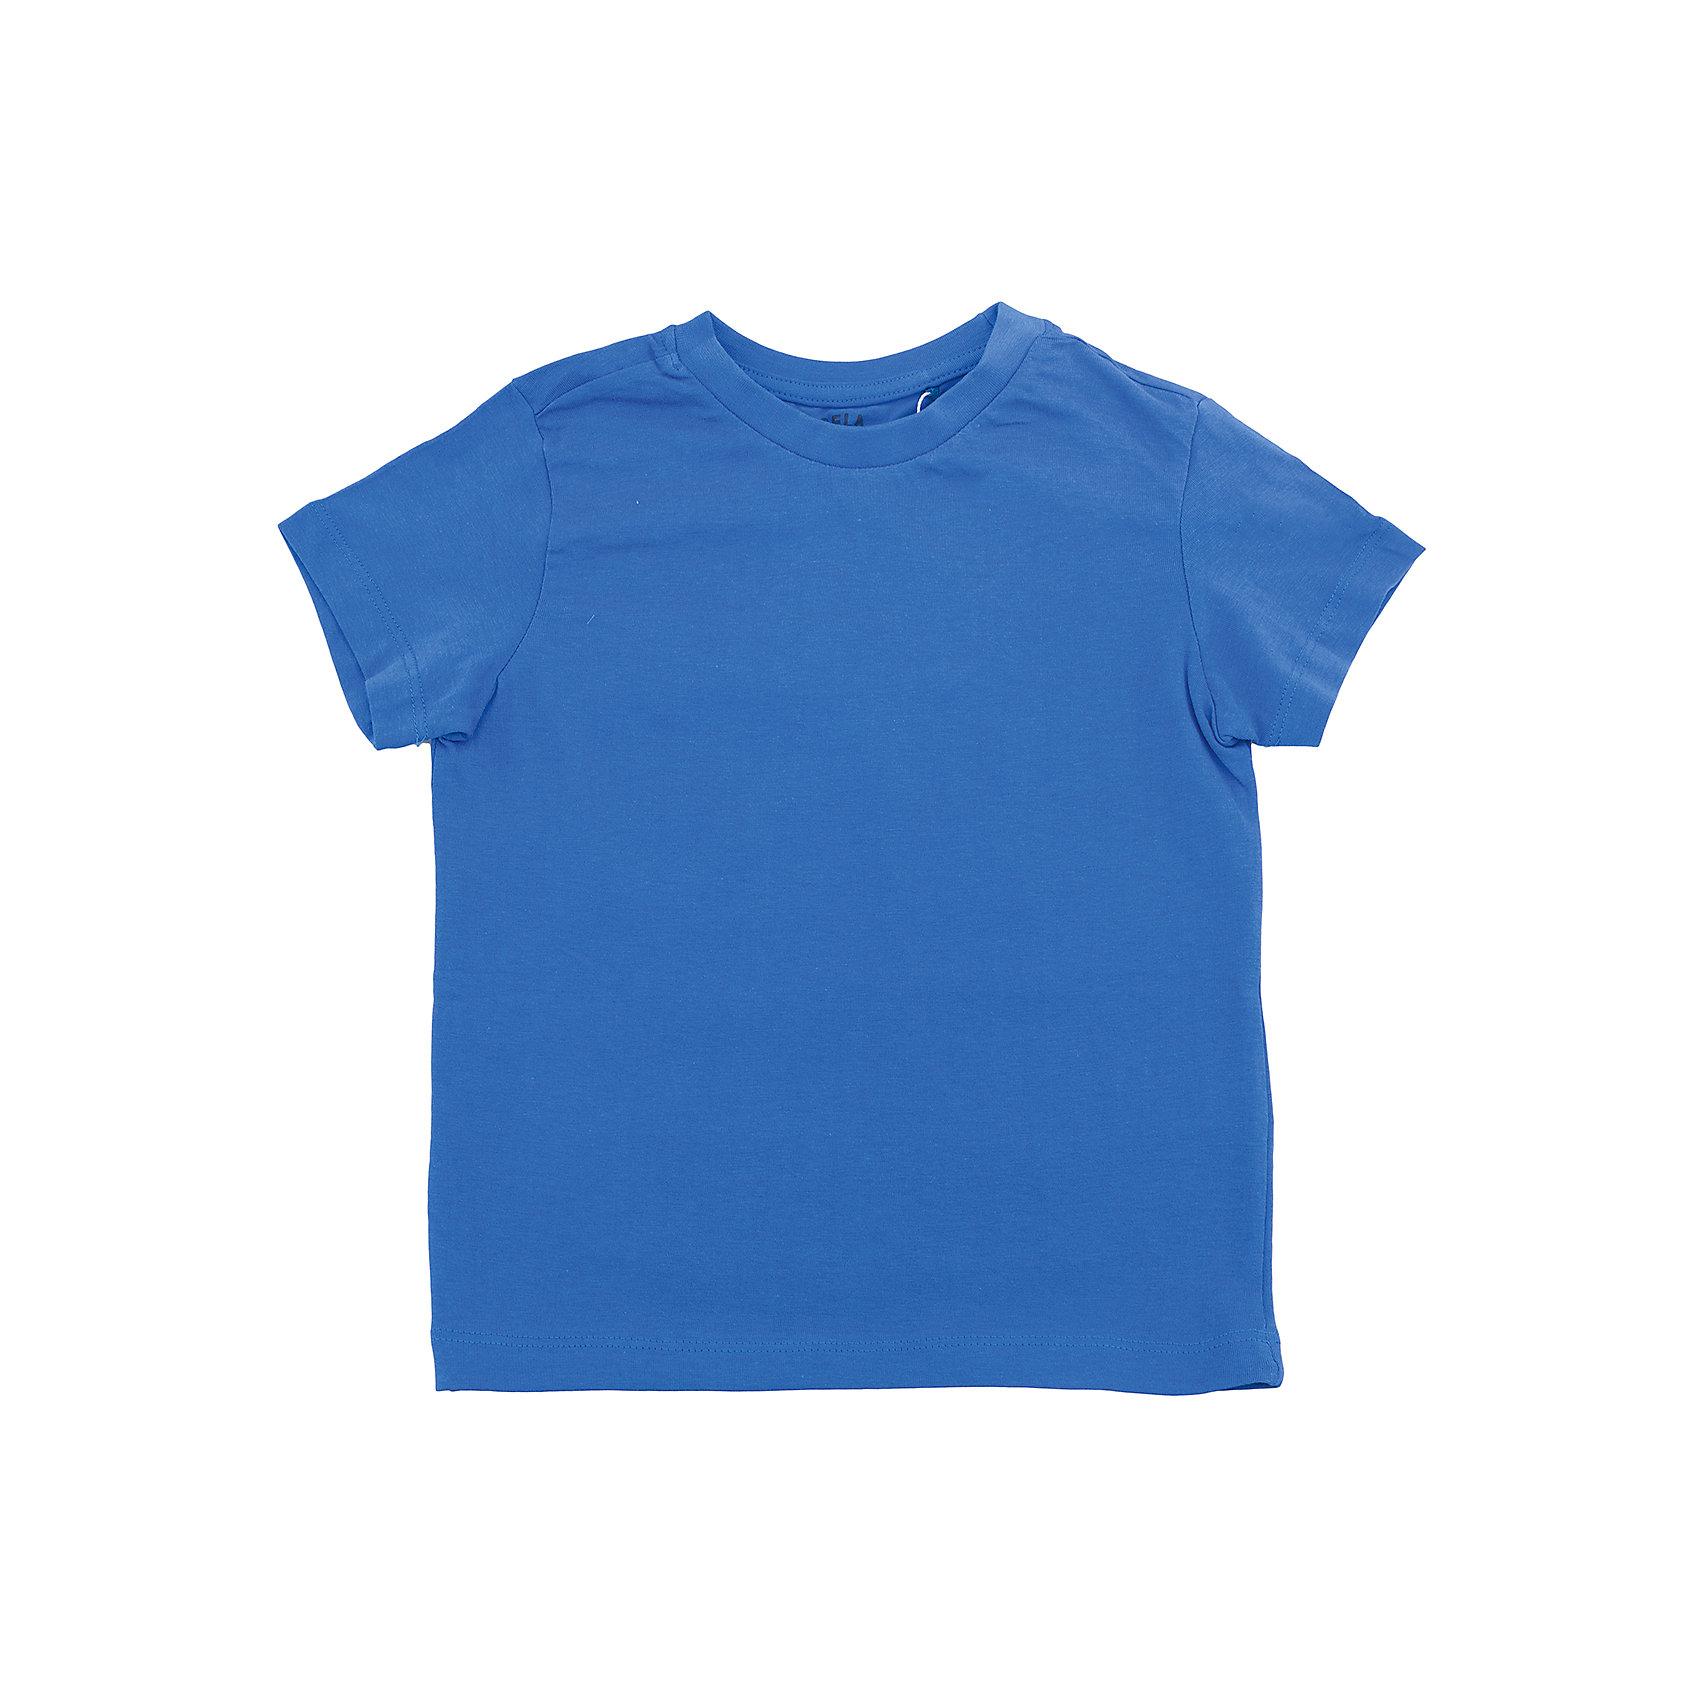 Футболка  для мальчика SELAХарактеристики товара:<br><br>• цвет: синий<br>• состав: 100% хлопок<br>• однотонная<br>• короткие рукава<br>• округлый горловой вырез<br>• коллекция весна-лето 2017<br>• страна бренда: Российская Федерация<br><br>В новой коллекции SELA отличные модели одежды! Эта футболка для мальчика поможет разнообразить гардероб ребенка и обеспечить комфорт. Она отлично сочетается с джинсами и брюками. Удобная базовая вещь!<br><br>Одежда, обувь и аксессуары от российского бренда SELA не зря пользуются большой популярностью у детей и взрослых! Модели этой марки - стильные и удобные, цена при этом неизменно остается доступной. Для их производства используются только безопасные, качественные материалы и фурнитура. Новая коллекция поддерживает хорошие традиции бренда! <br><br>Футболку для мальчика от популярного бренда SELA (СЕЛА) можно купить в нашем интернет-магазине.<br><br>Ширина мм: 230<br>Глубина мм: 40<br>Высота мм: 220<br>Вес г: 250<br>Цвет: синий<br>Возраст от месяцев: 60<br>Возраст до месяцев: 72<br>Пол: Мужской<br>Возраст: Детский<br>Размер: 116,92,98,104,110<br>SKU: 5303917